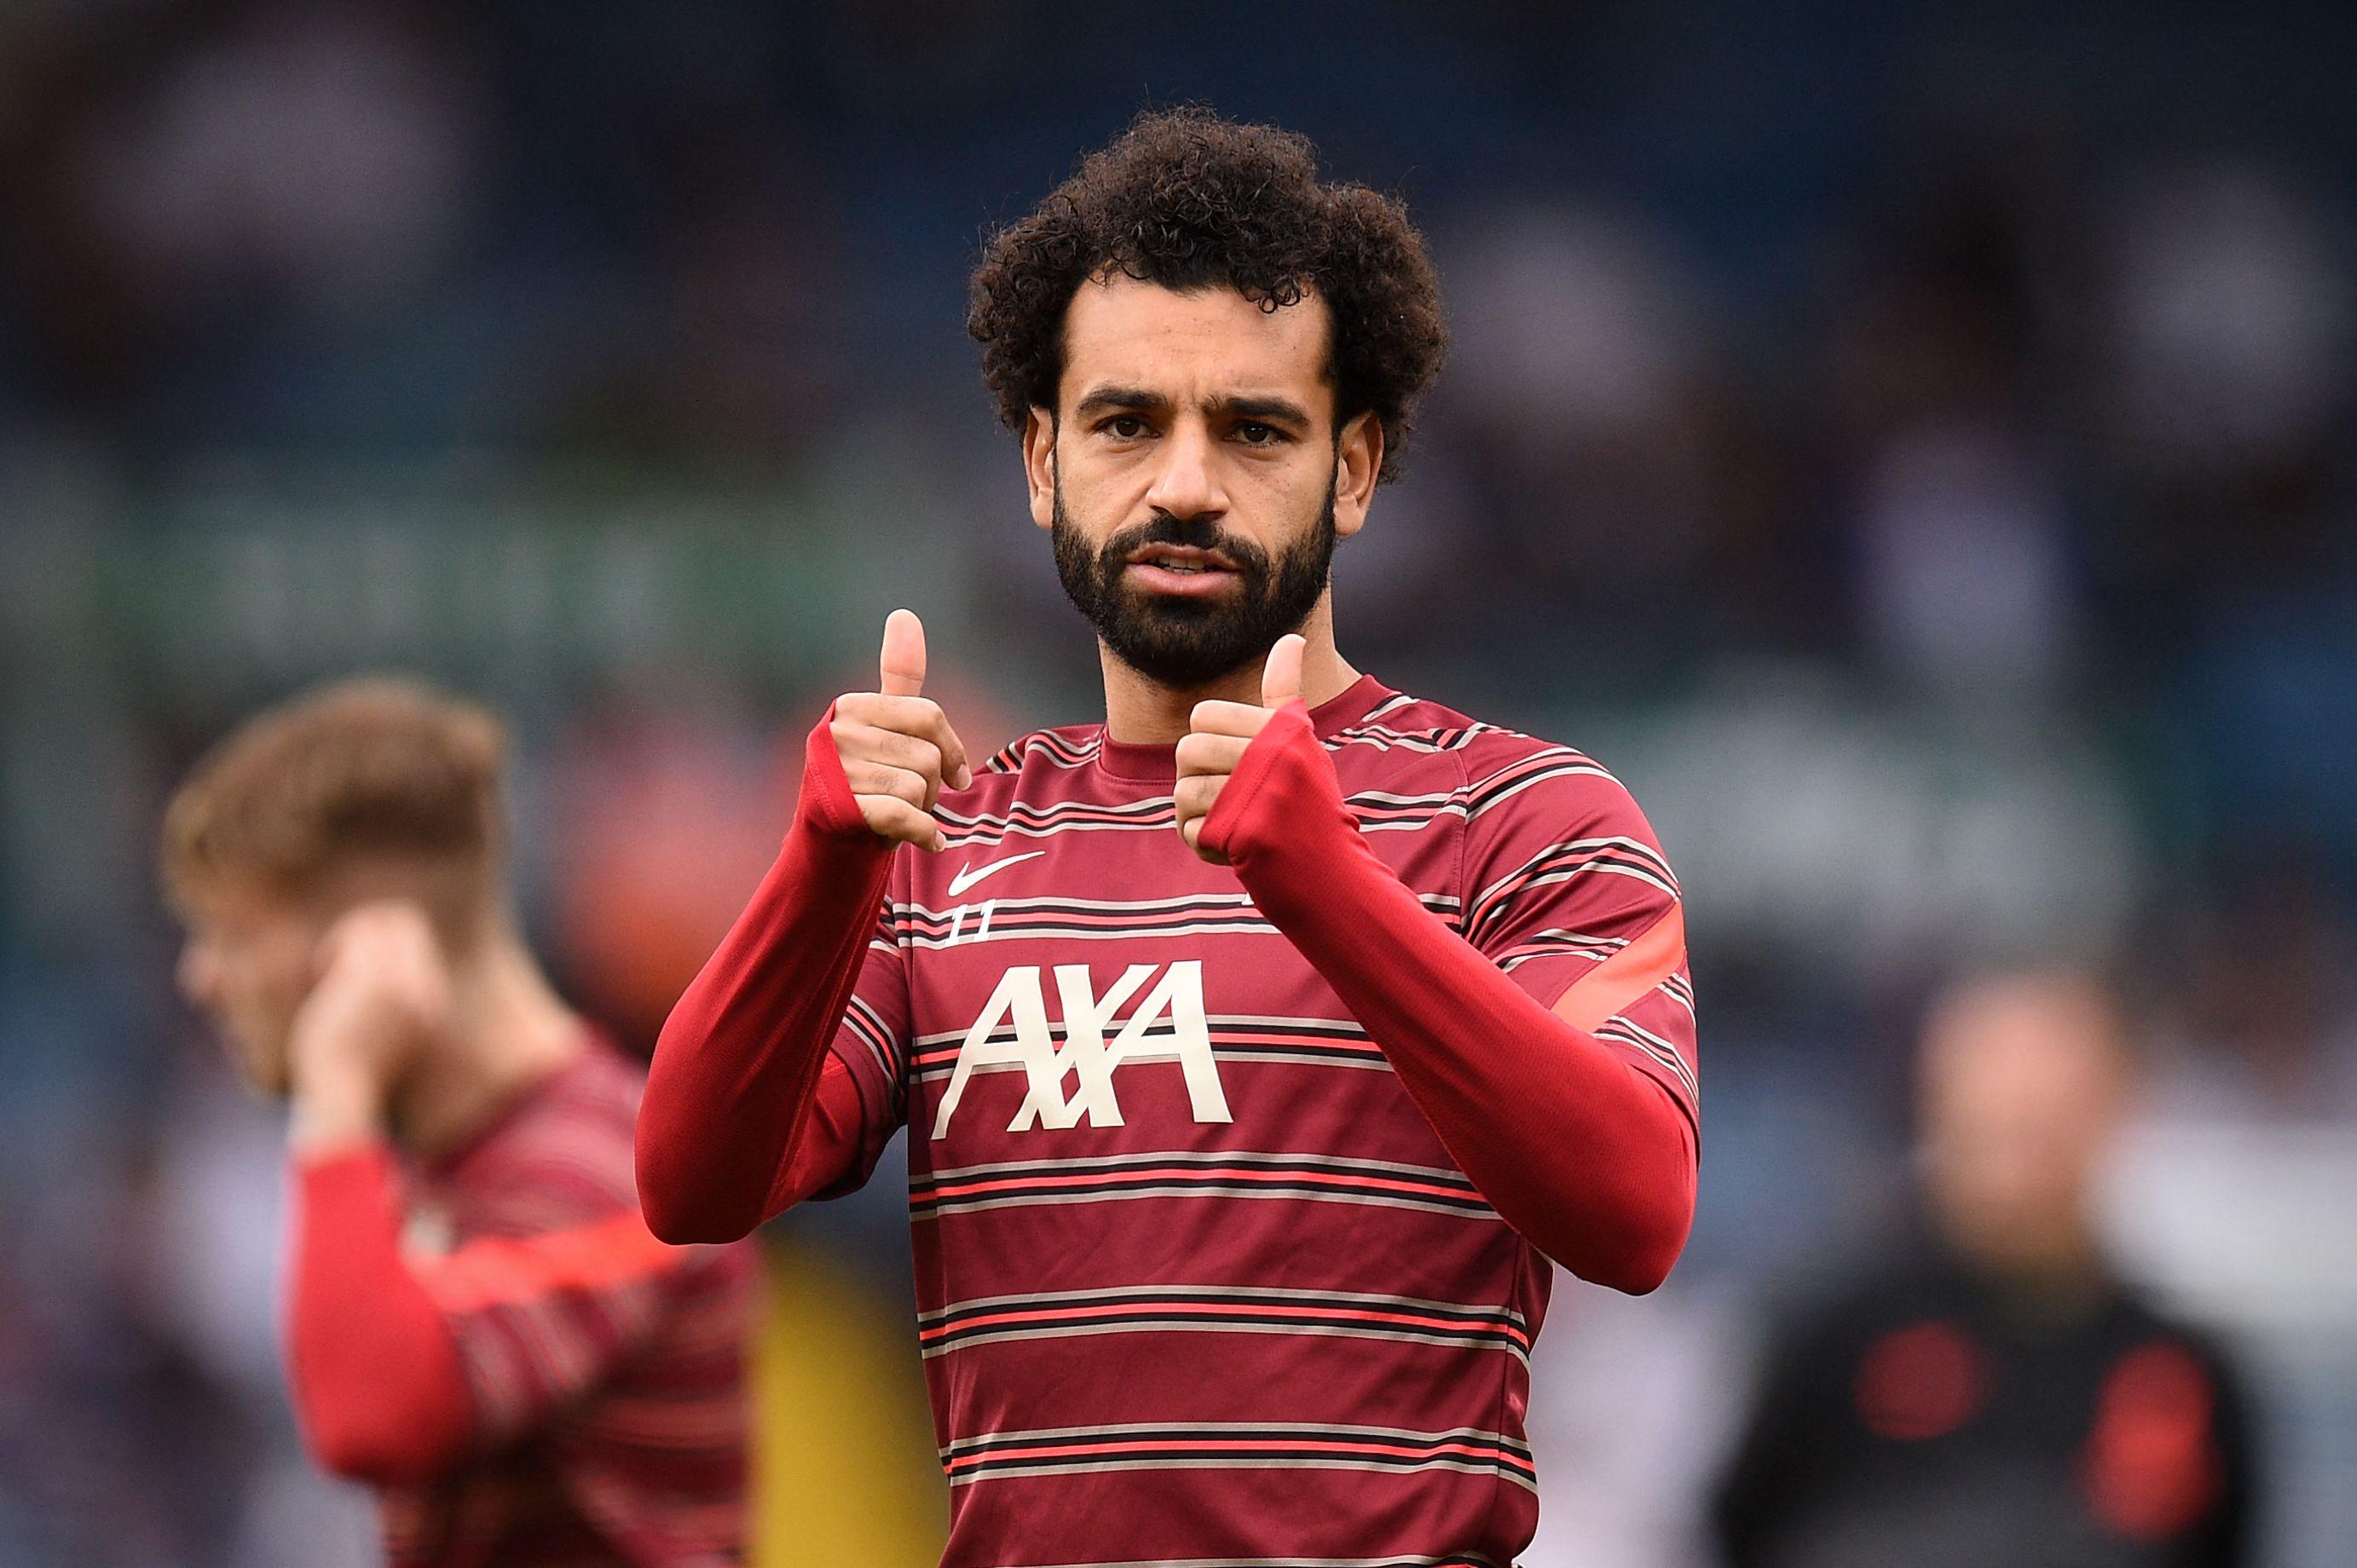 صورة ترتيب صادم لمحمد صلاح بقائمة الأعلى أجراً في الدوري الإنجليزي